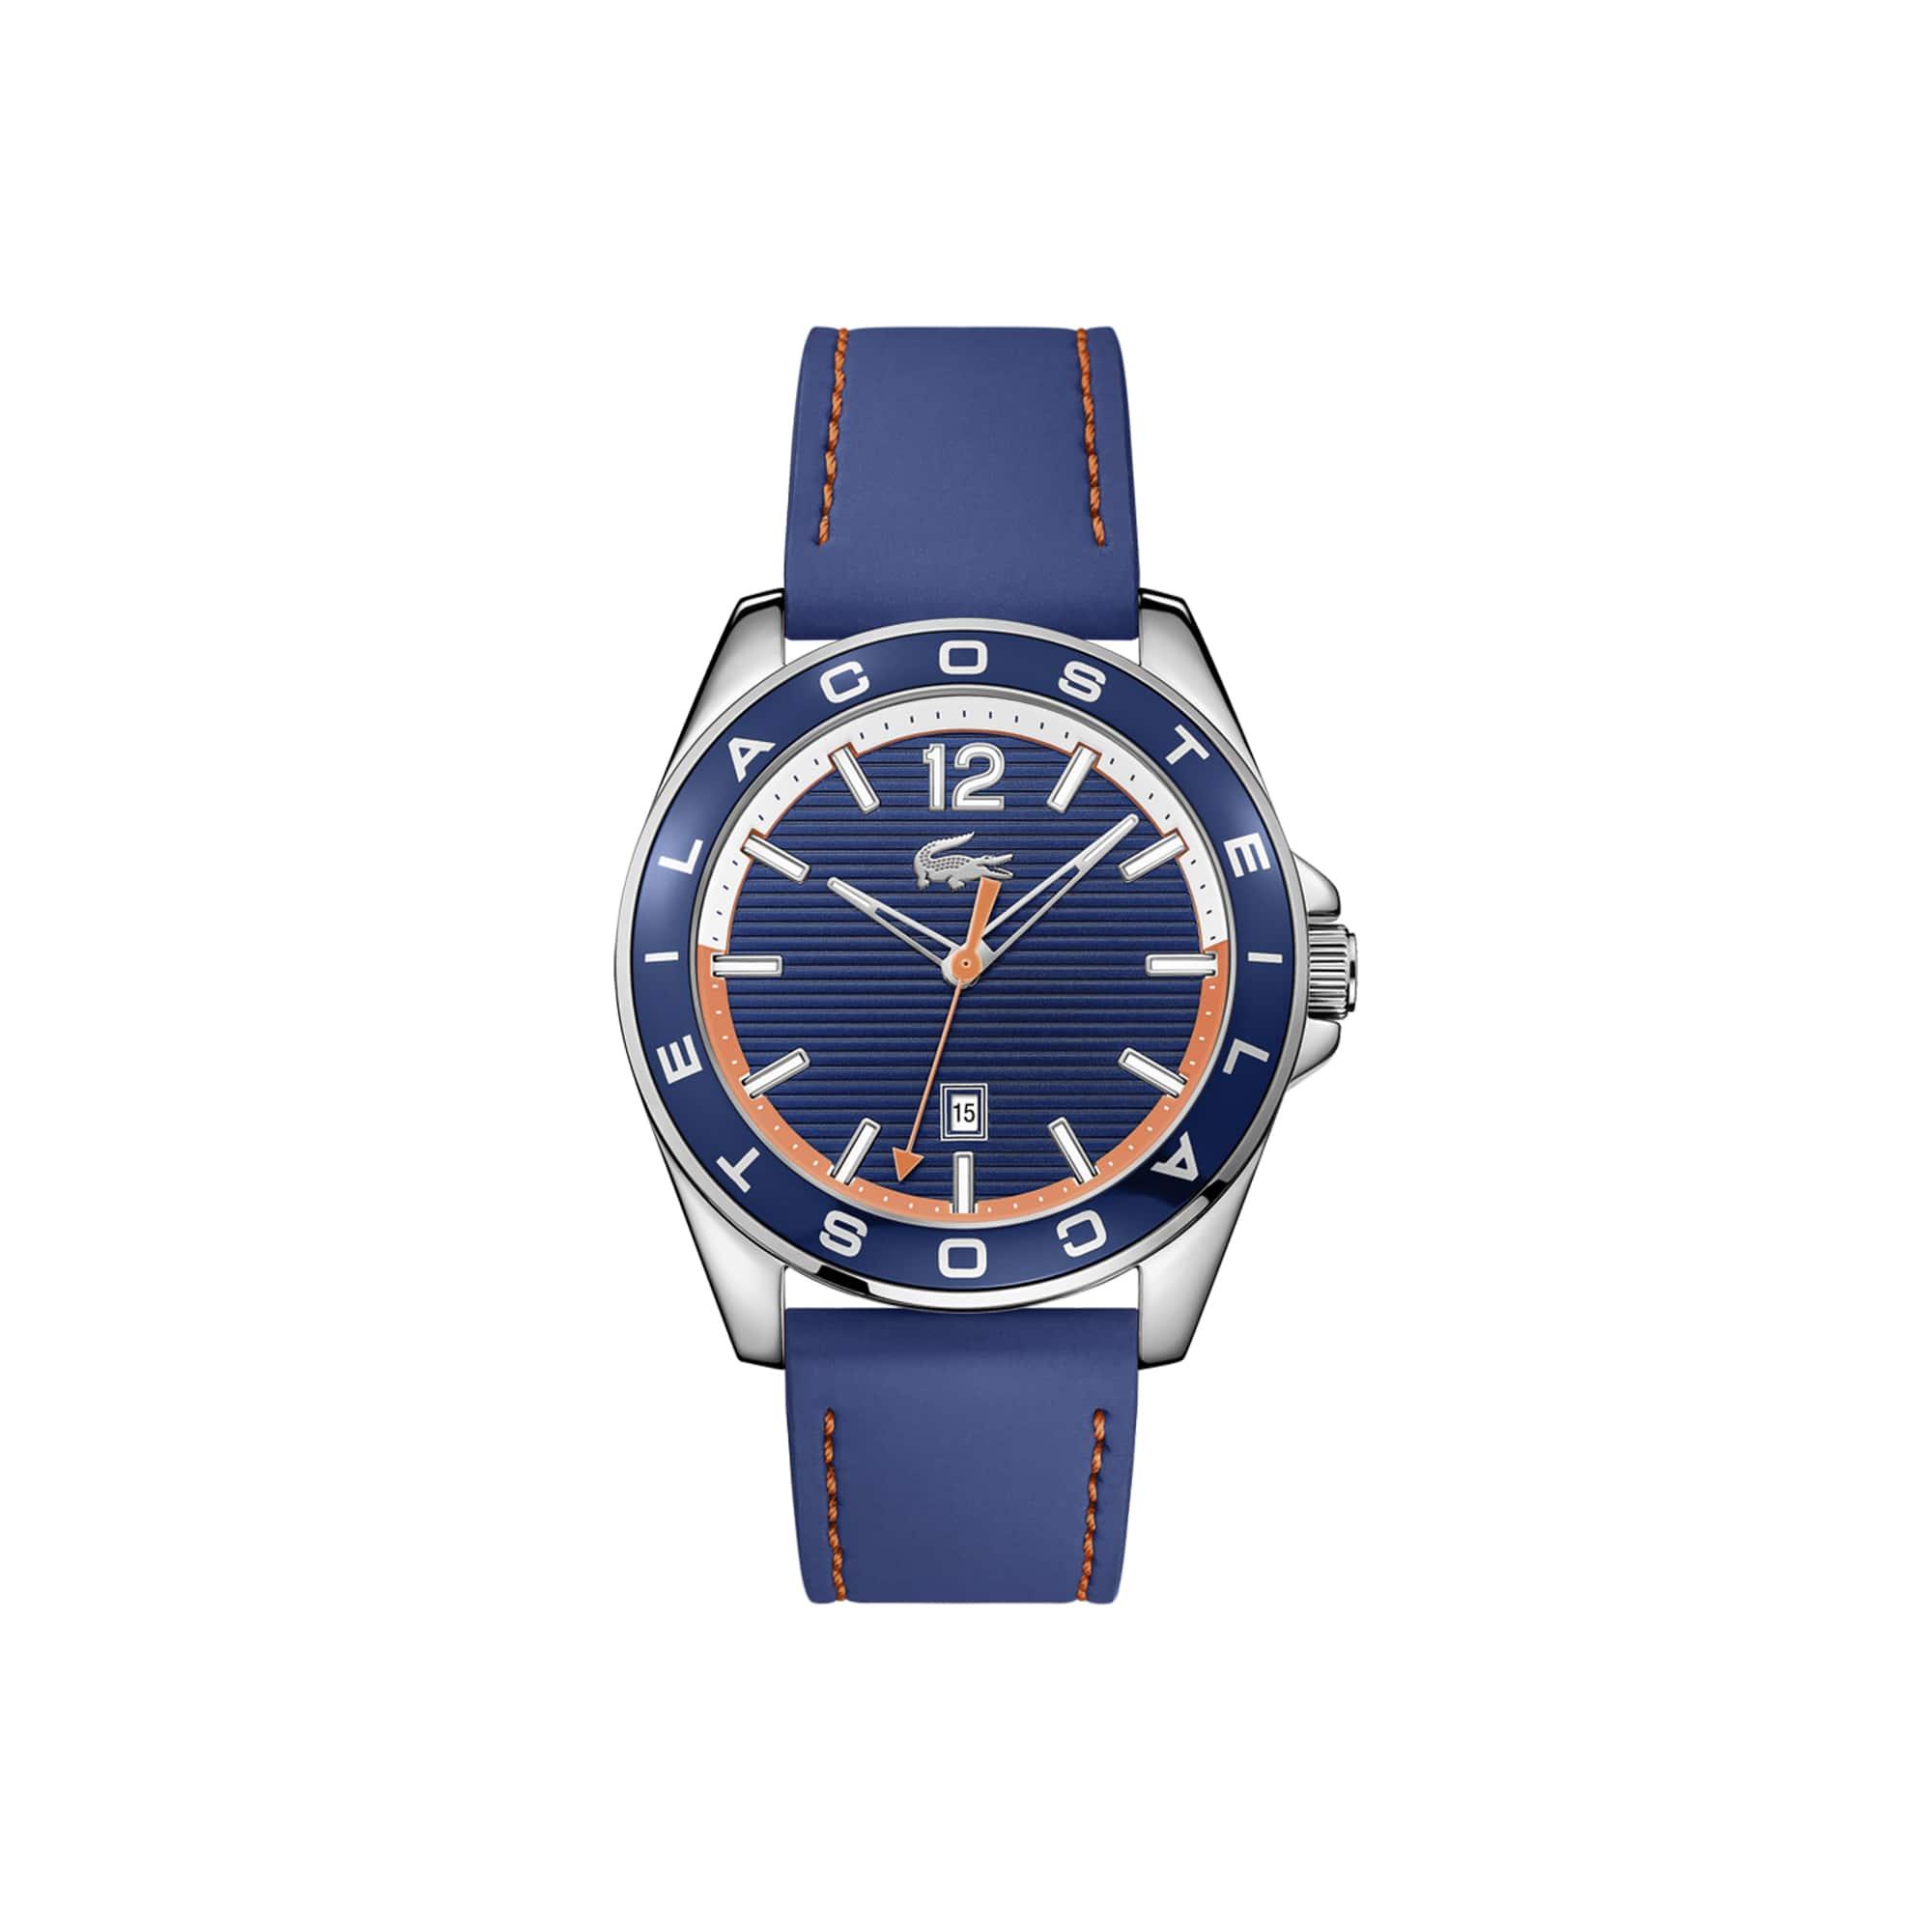 Relógio Westport Homem com Bracelete em Couro Azul